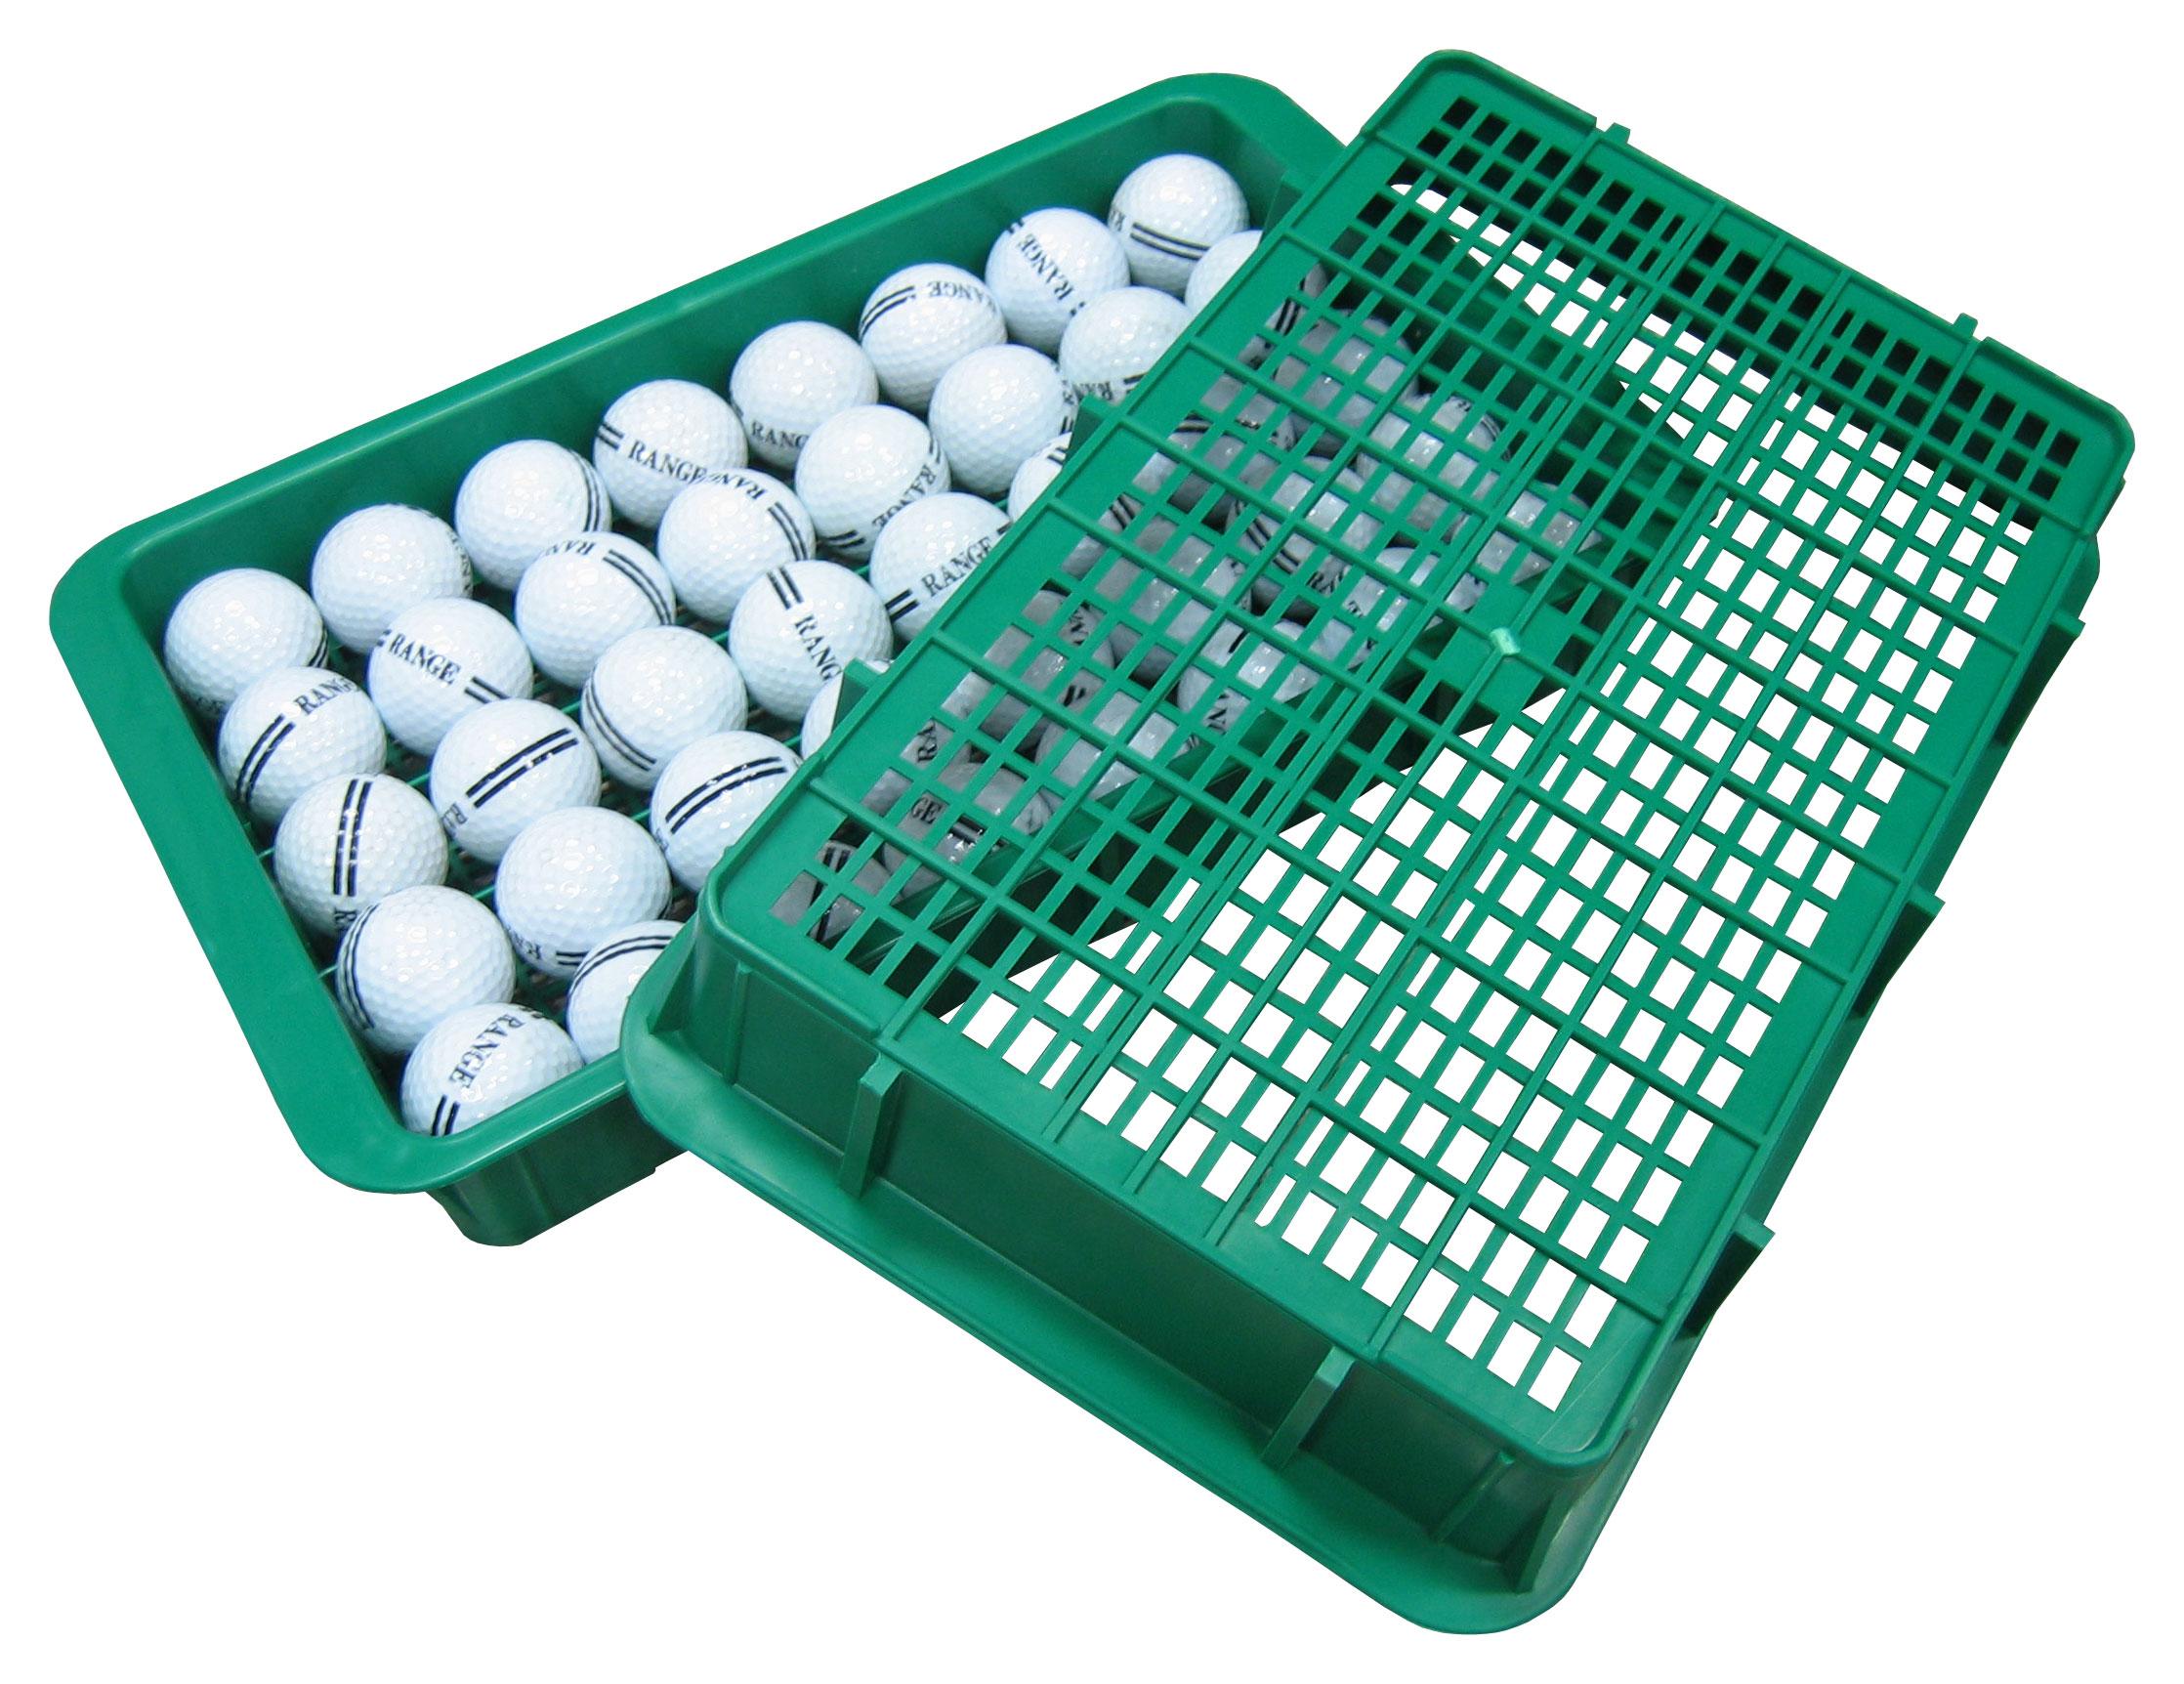 ถาดใส่ลูกกอล์ฟสีเขียวขนาด40ลูก